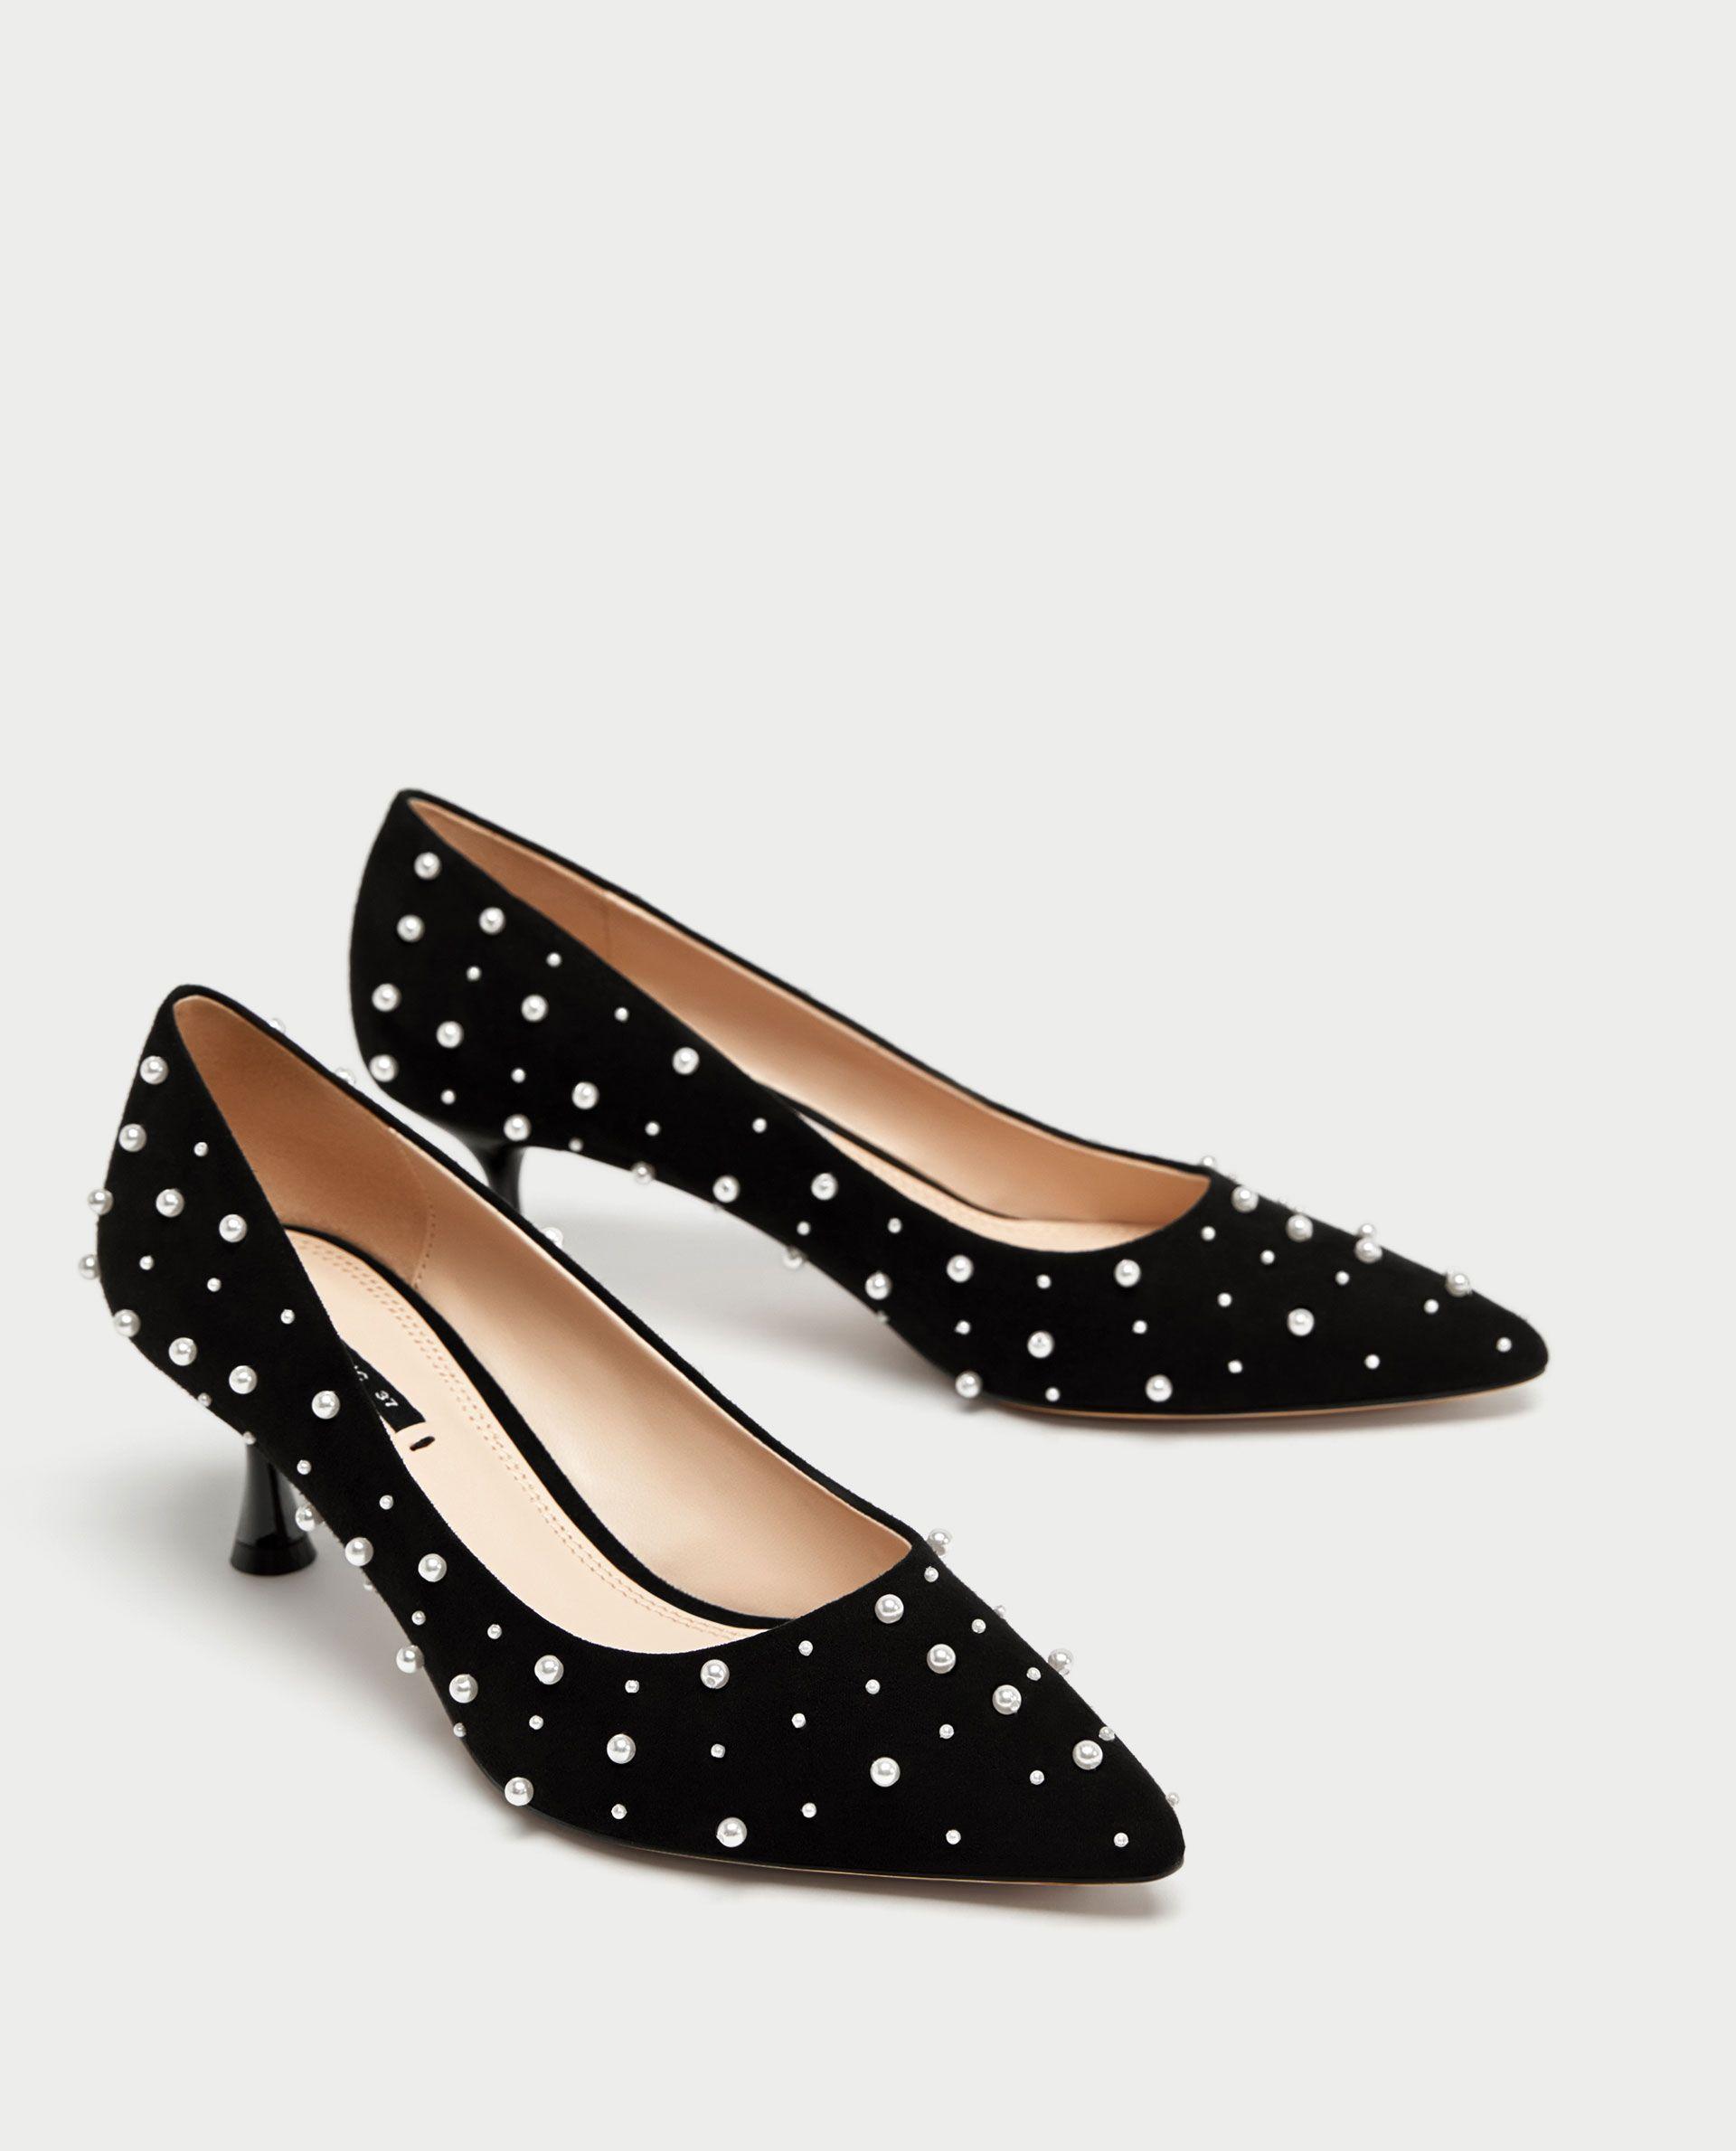 Zapatos negros formales La Modeuse para mujer Sy0jL